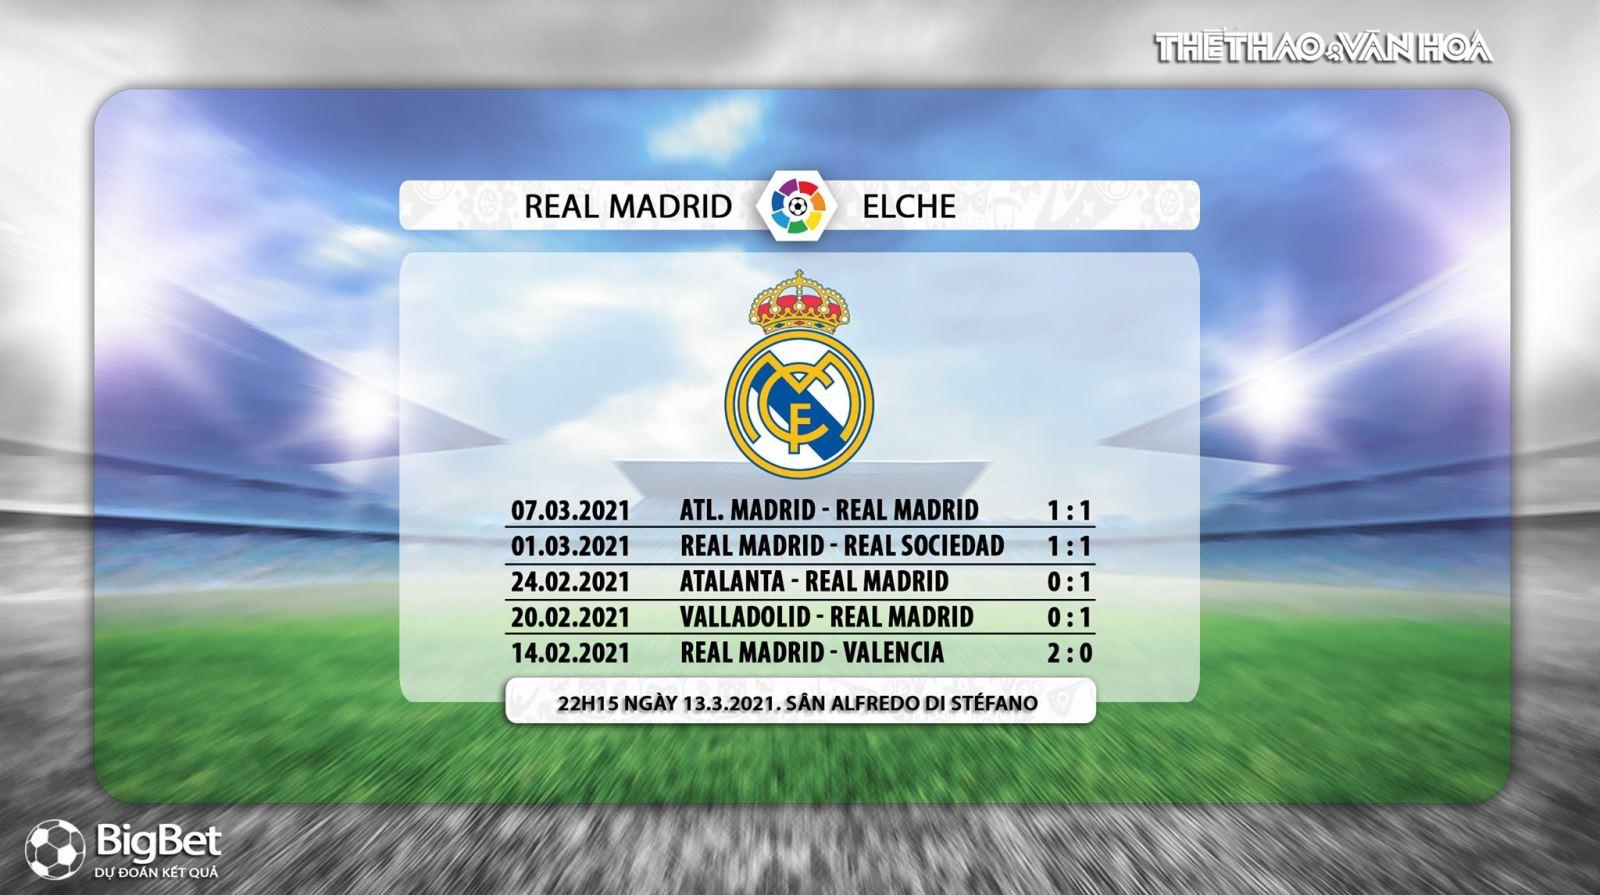 Kèo nhà cái, Real Madrid vs Elche, BĐTV trực tiếp bóng đá Tây Ban Nha, Kèo Real, soi kèo Real Madrid, trực tiếp Real Madrid đấu với Elche, lịch thi đấu La Liga vòng 27